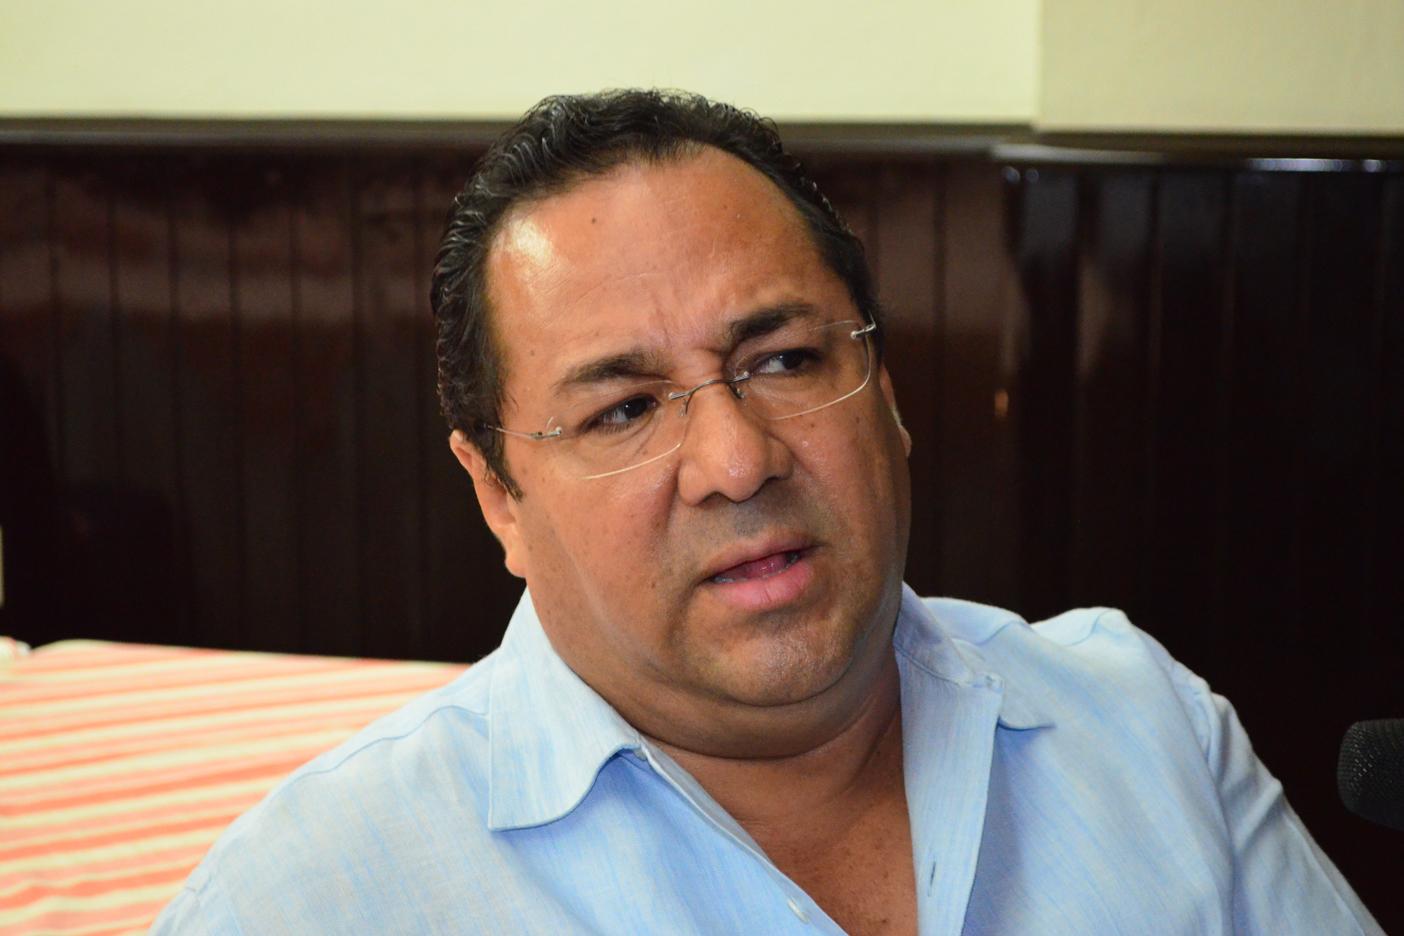 Ejecutan a Miguel Ángel Sánchez, exsecretario del ayuntamiento de Mazatlán